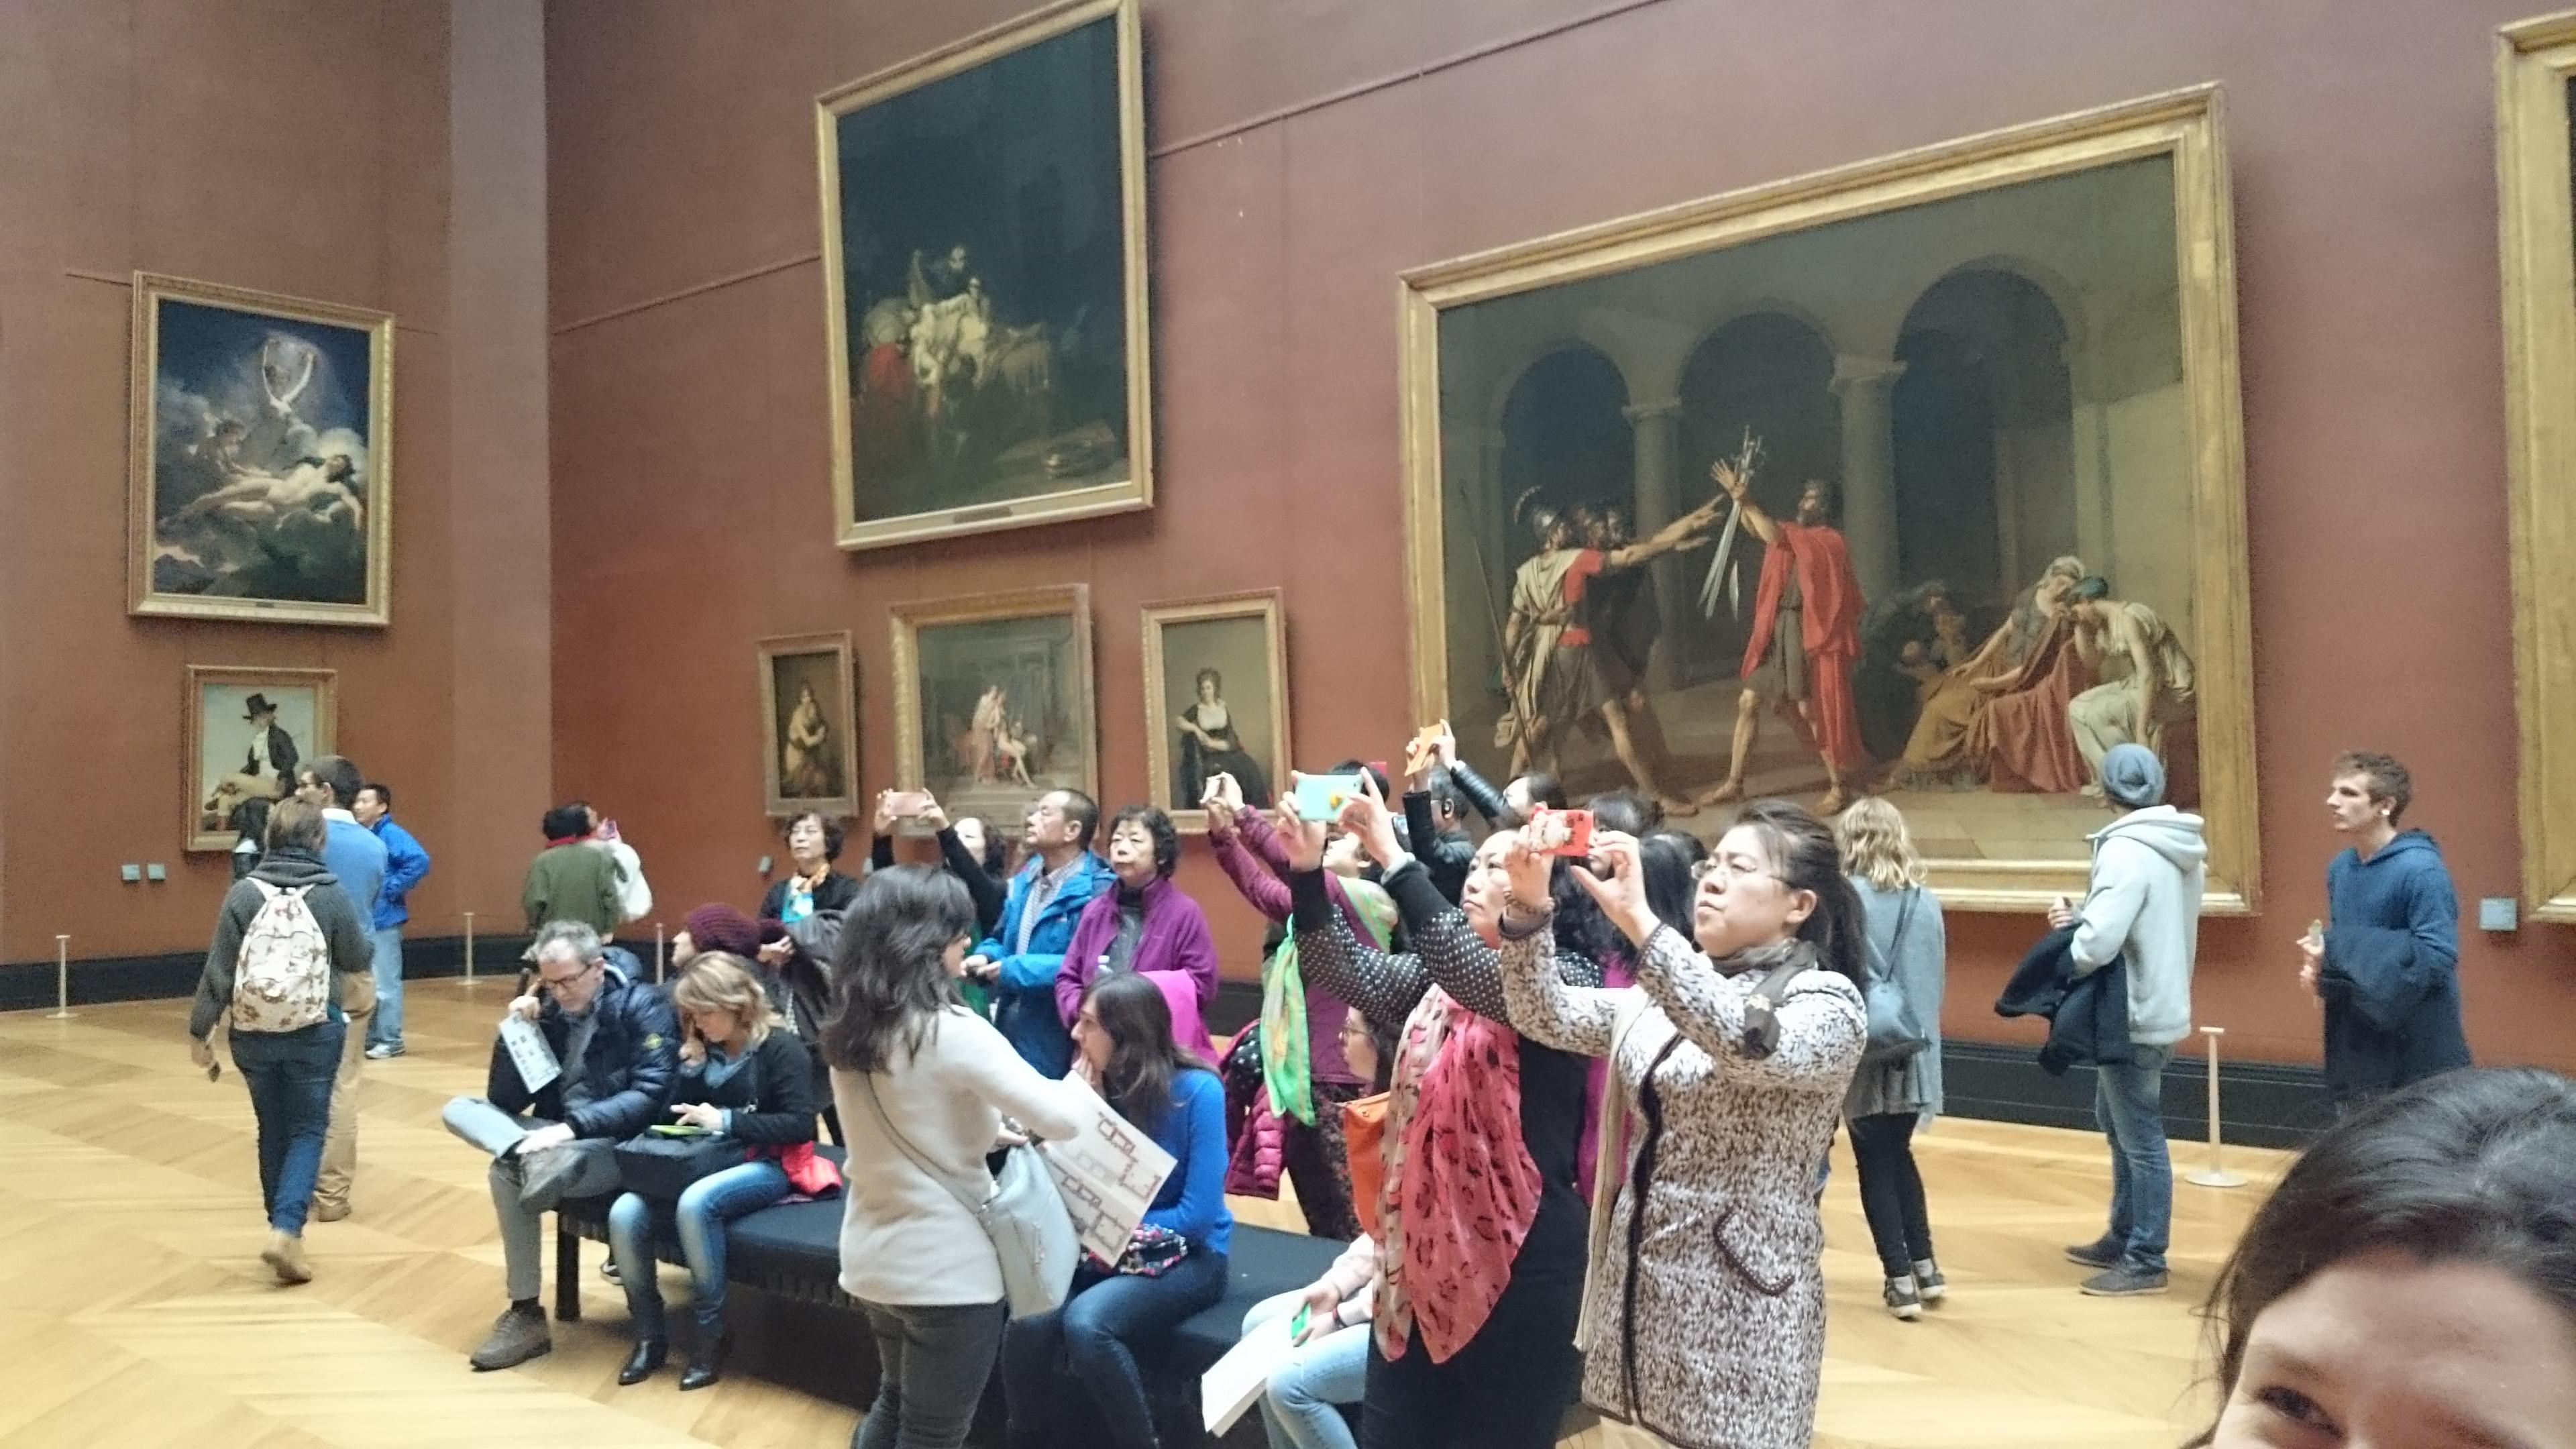 dsc 1511 - Consejos para visitar el Museo Louvre (y otros museos)